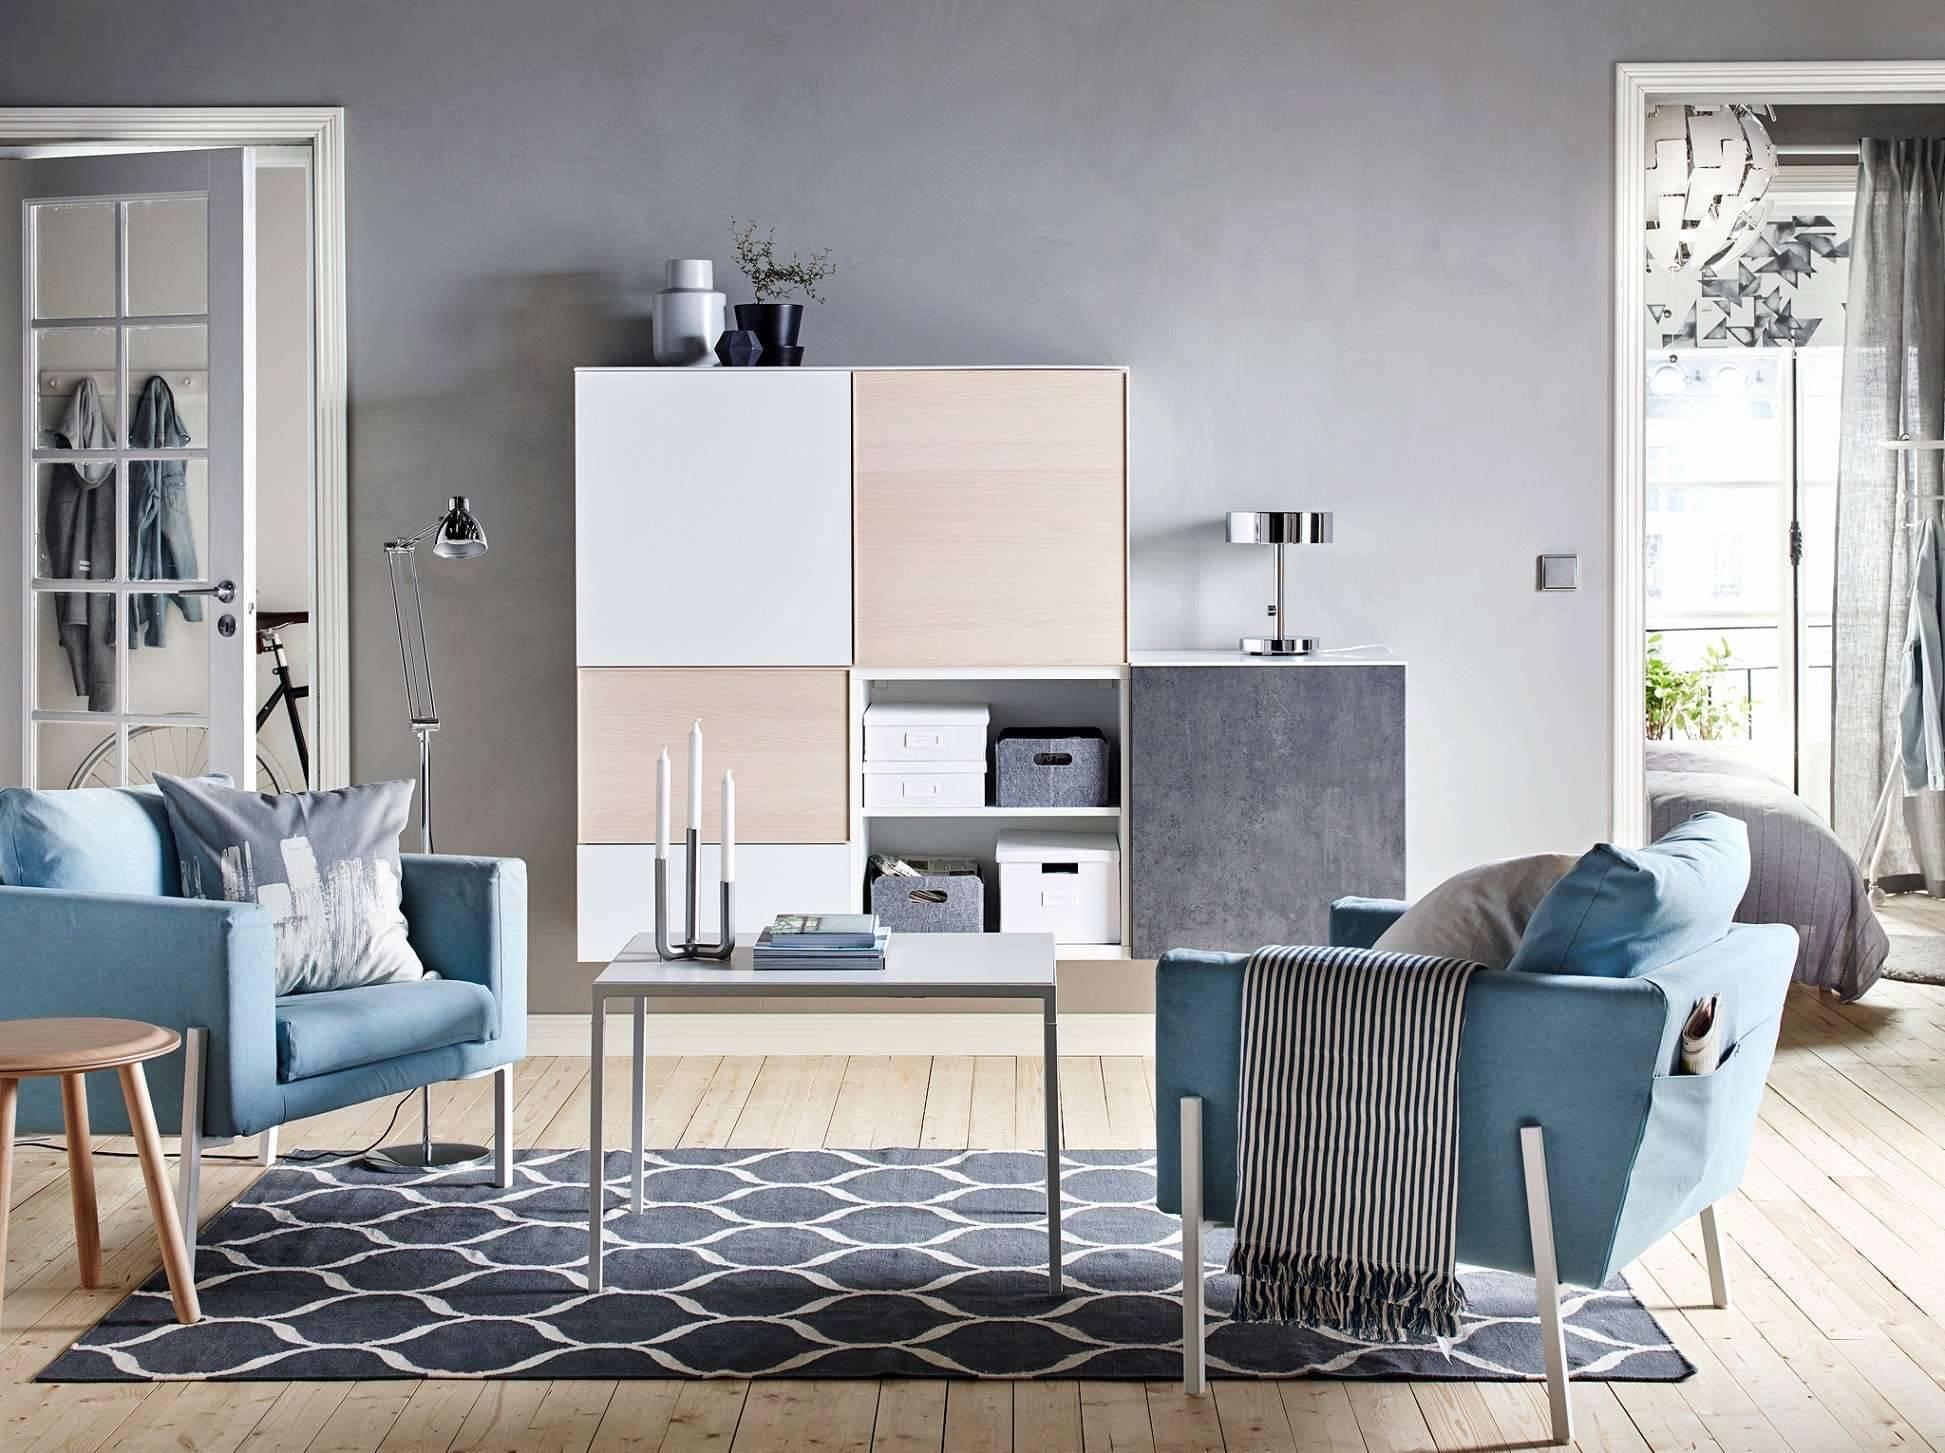 wohnzimmer ideen einrichtung lovely einrichtung wohnzimmer luxus mobel holz retro wohnzimmer 0d archives of wohnzimmer ideen einrichtung